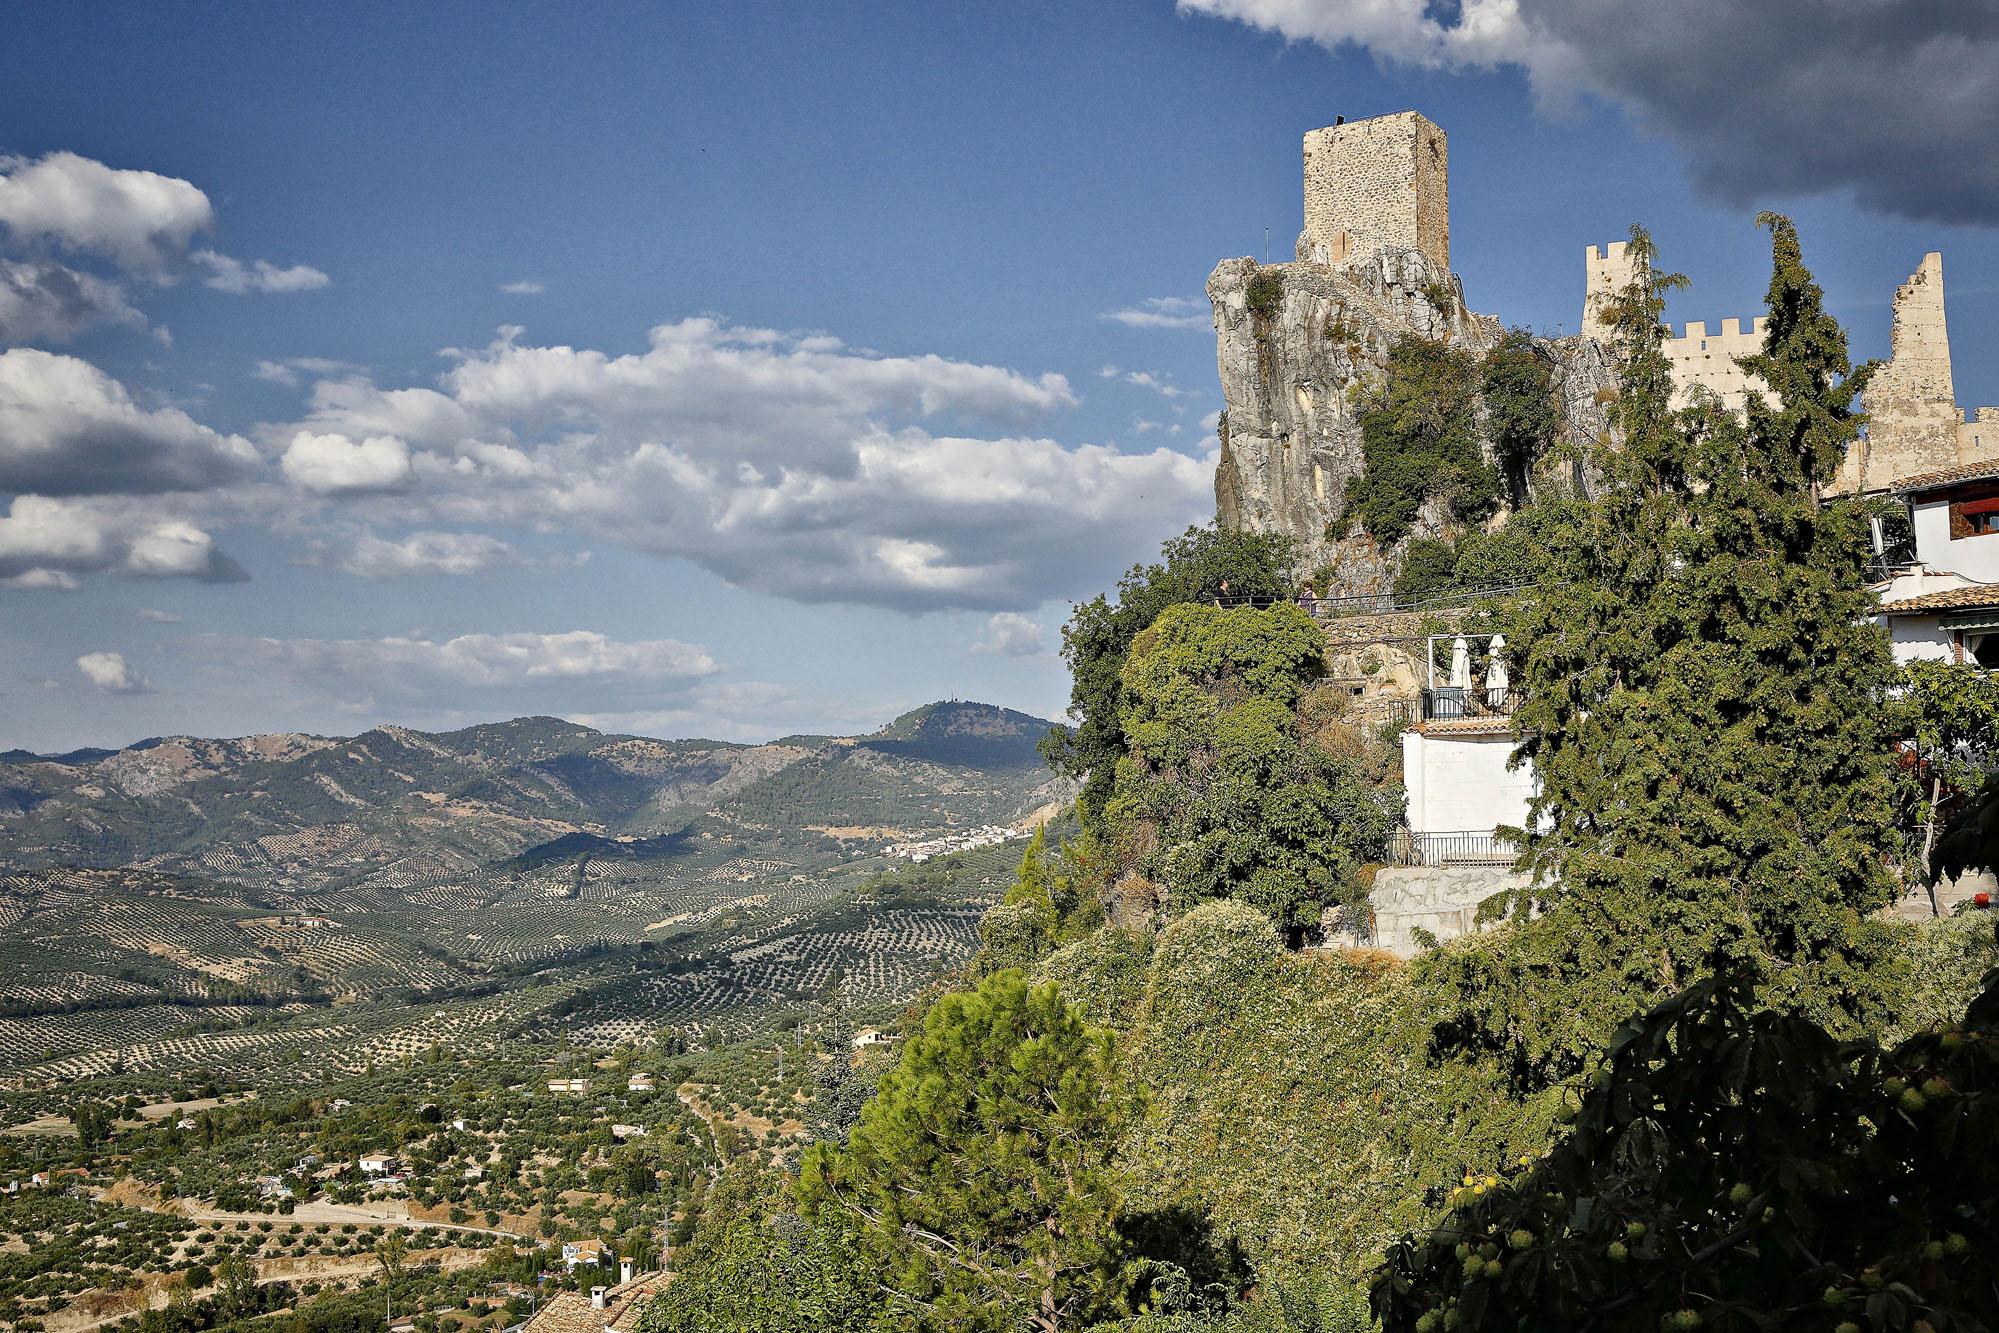 El castillo impone desde la peña sobre la que está construido.